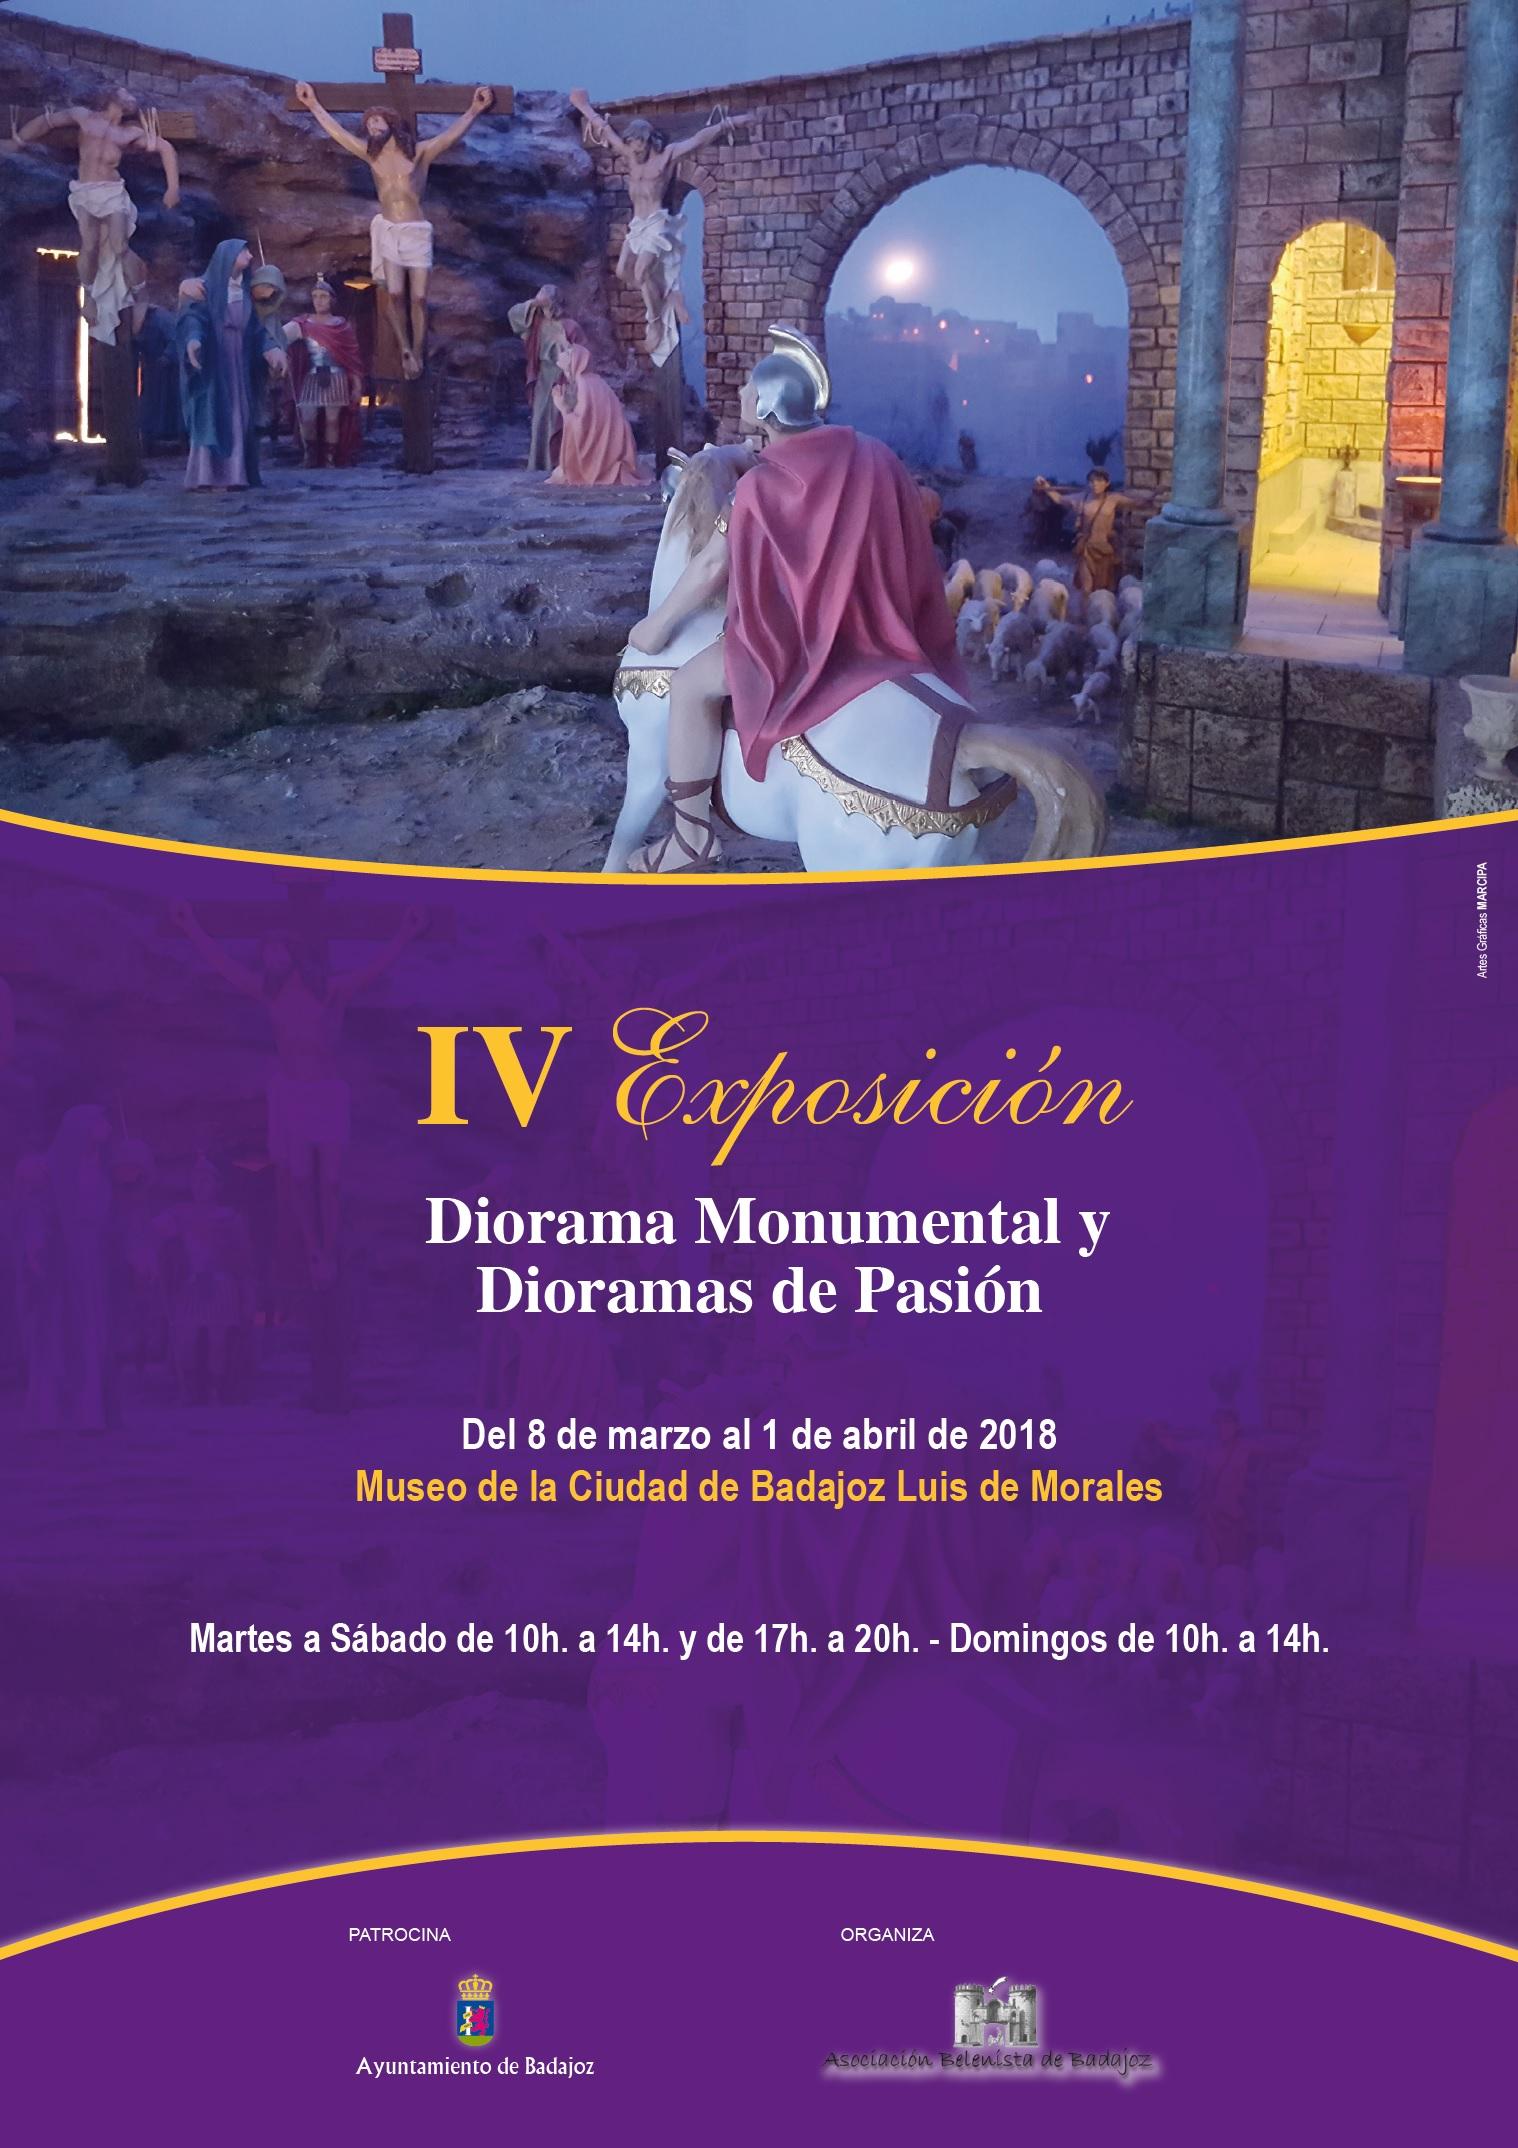 Cartel IV Exposición Diorama Monumental y Dioramas de Pasión - Asociación Belenista de Badajoz